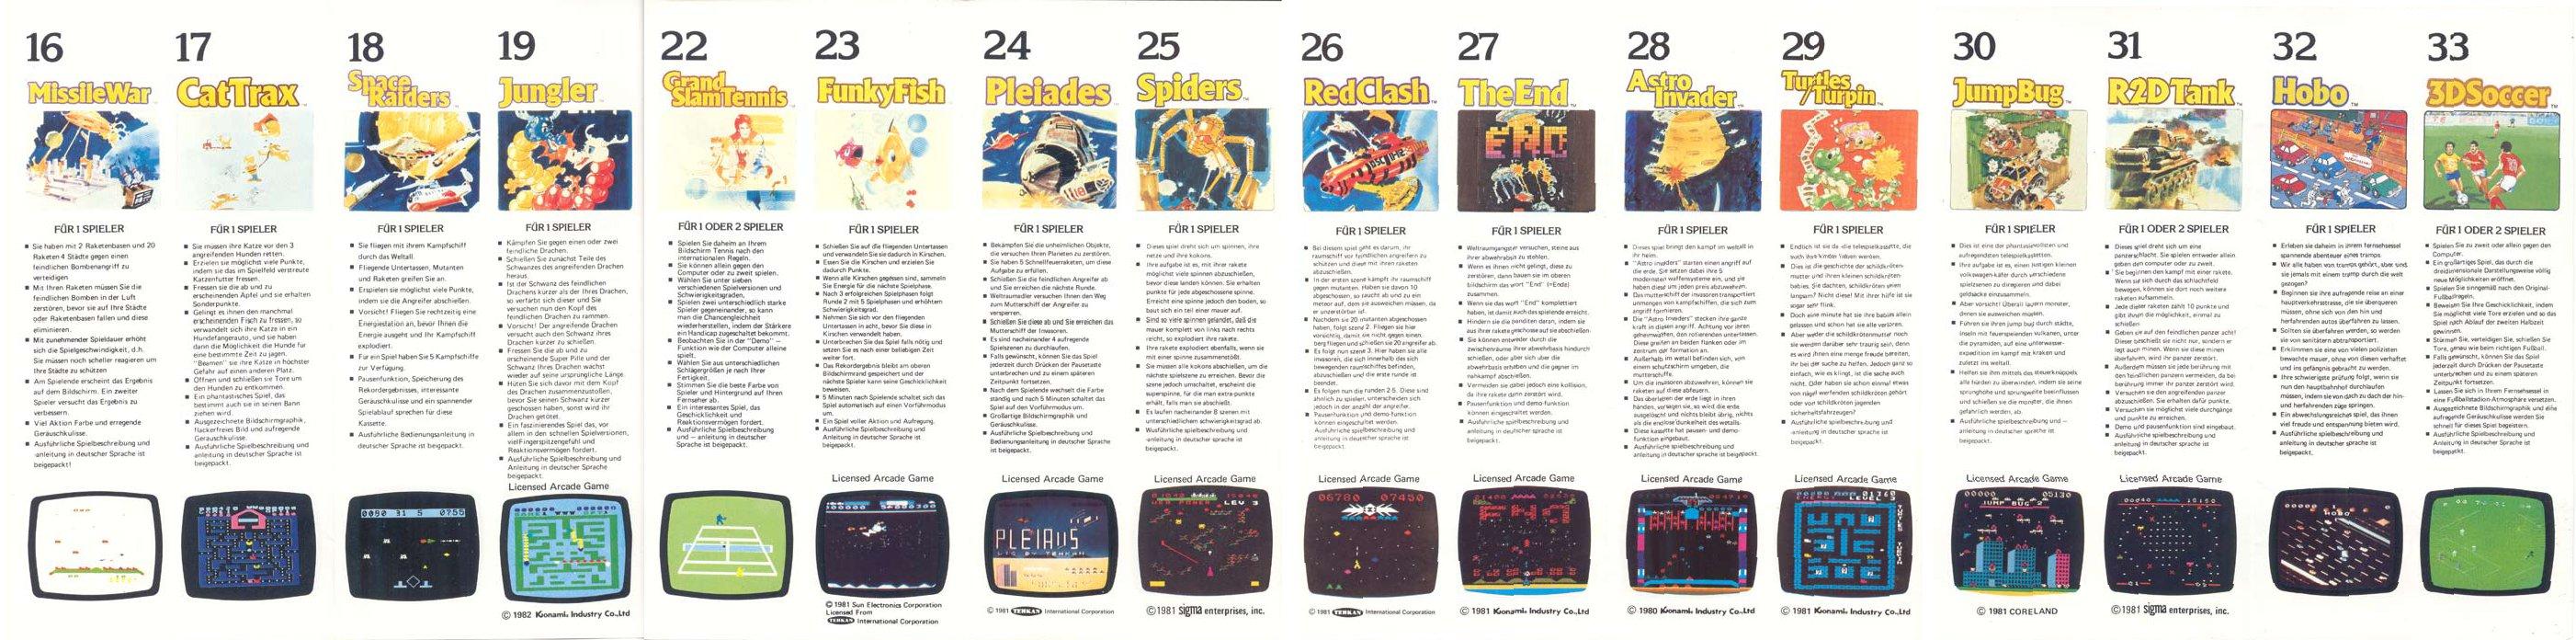 Videospiel Kassetten Programm für das Schmid TVG 2000, August 1983, Teil 2. (Bild: Schmid)